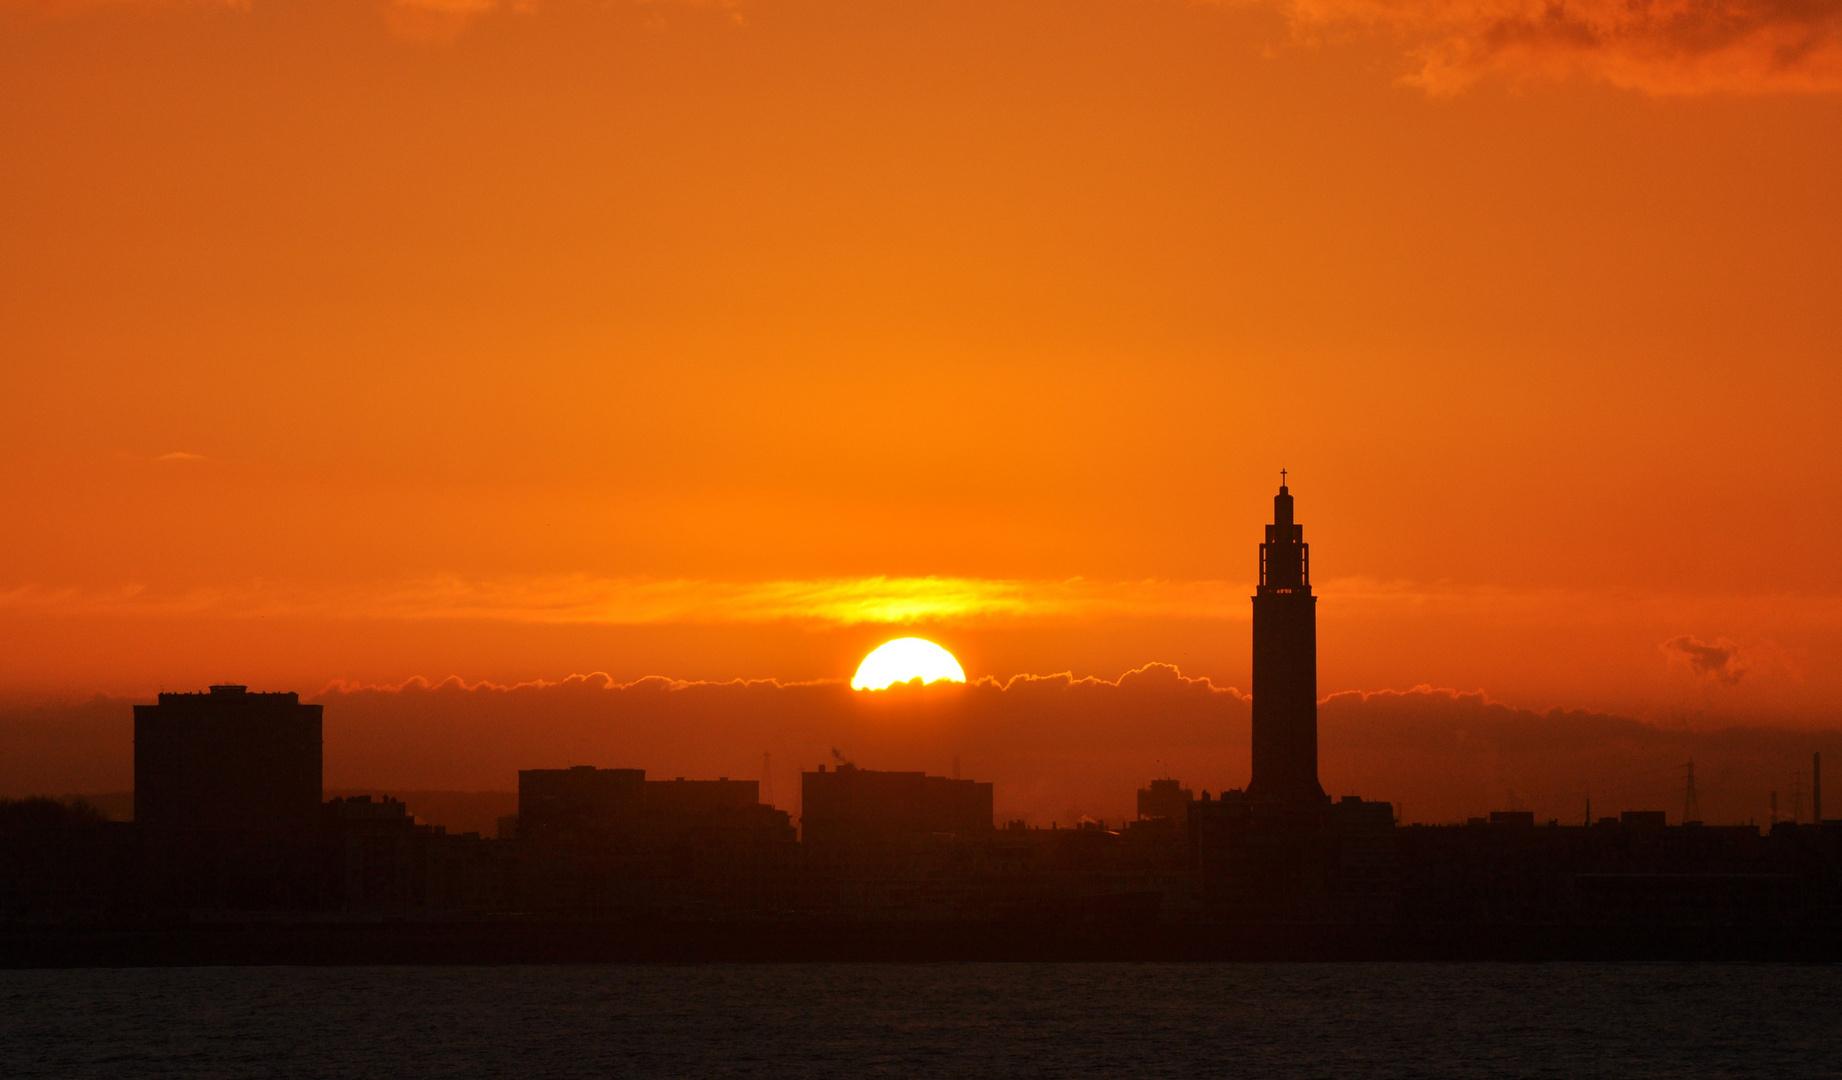 Sonnenaufgang in Le Havre